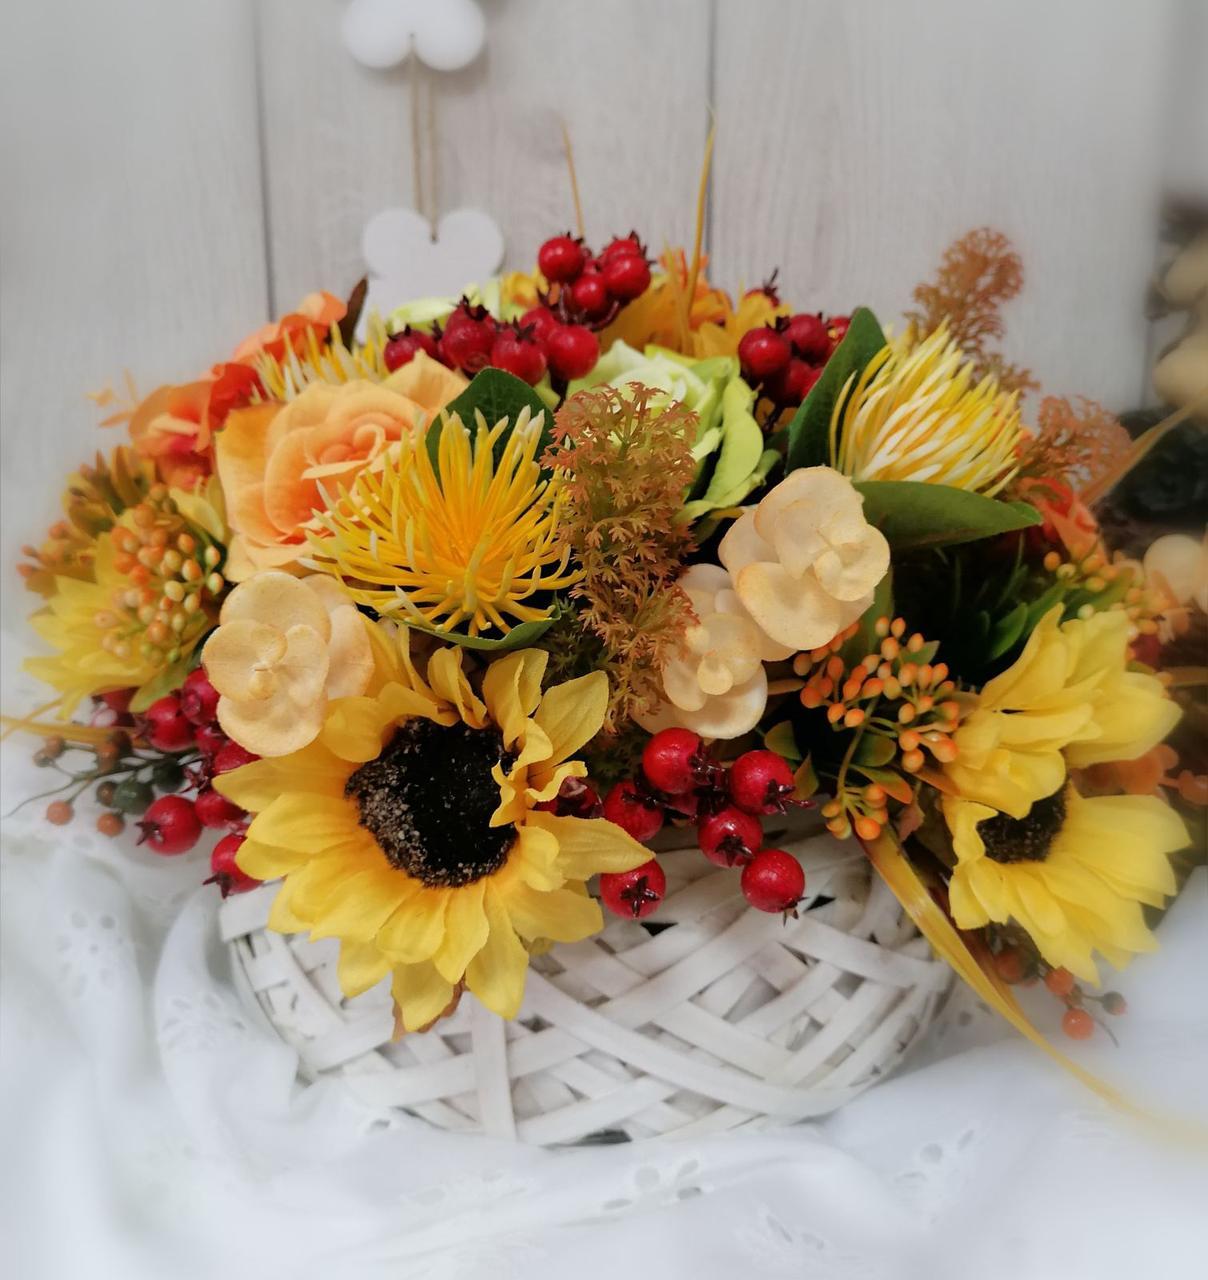 Композиция из искусственных цветов Волинські візерунки в кашпо из бересты